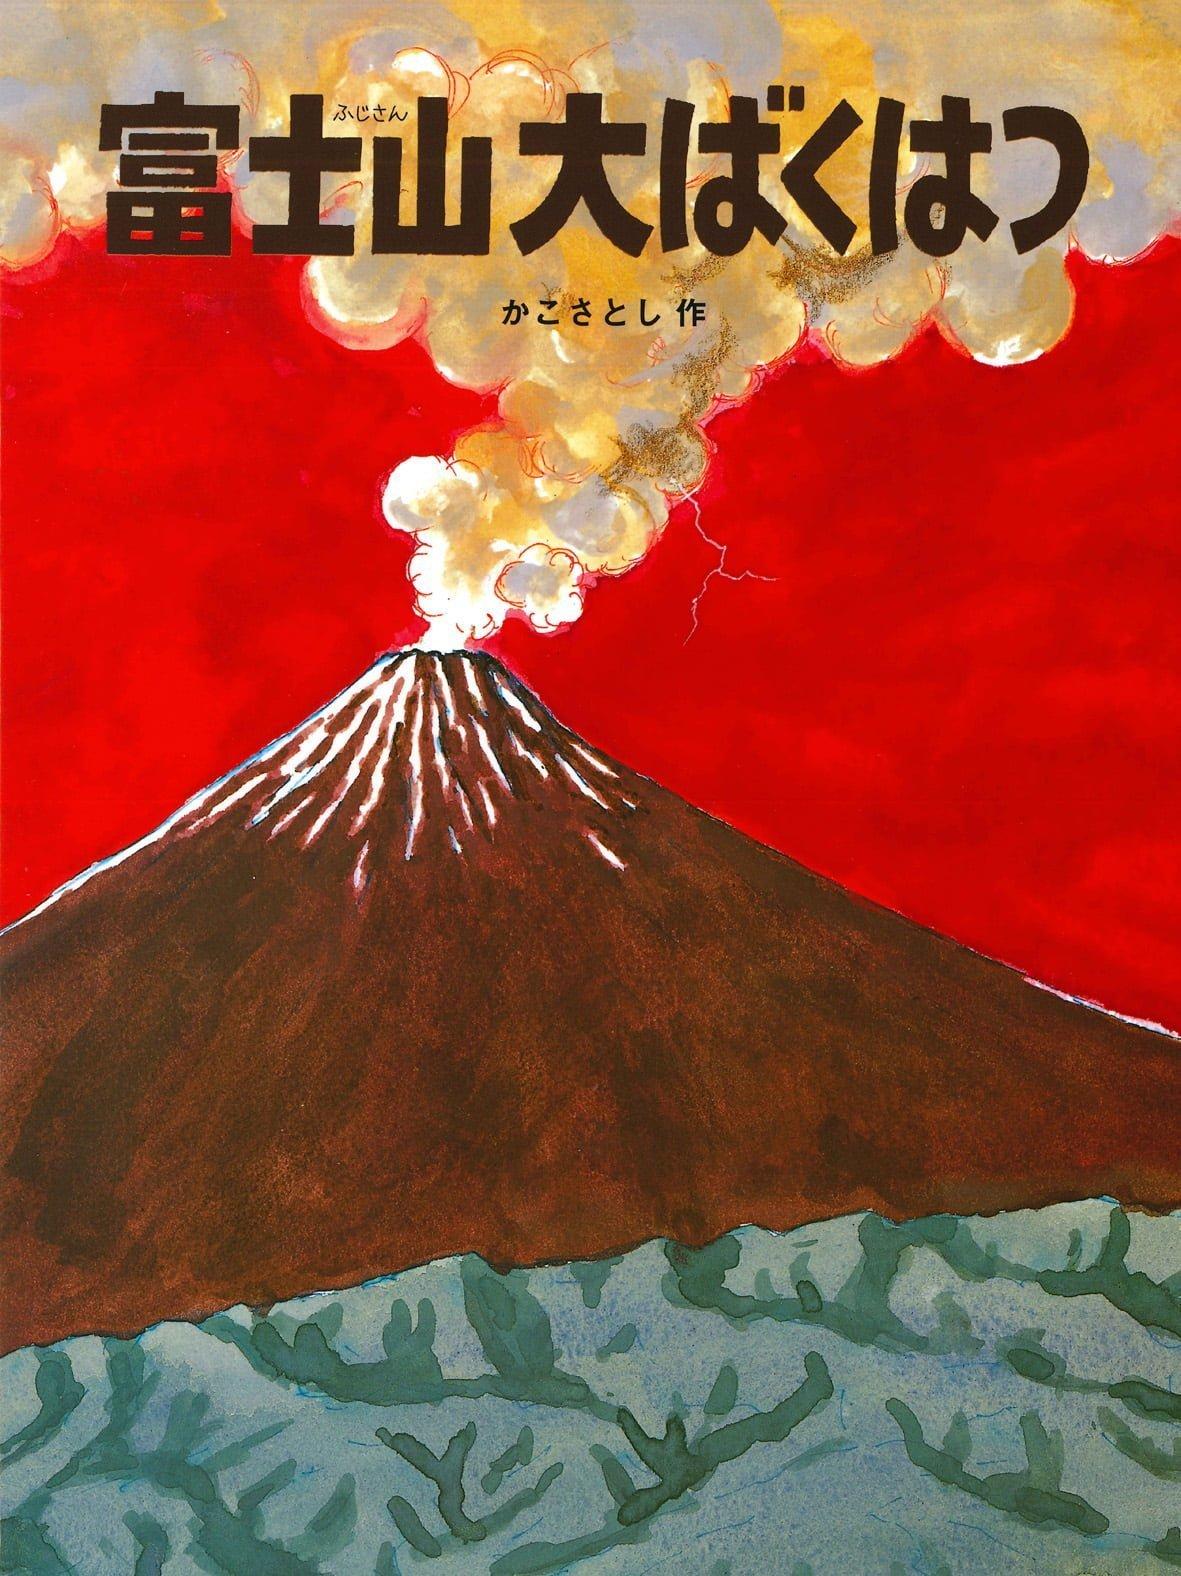 絵本「富士山大ばくはつ」の表紙